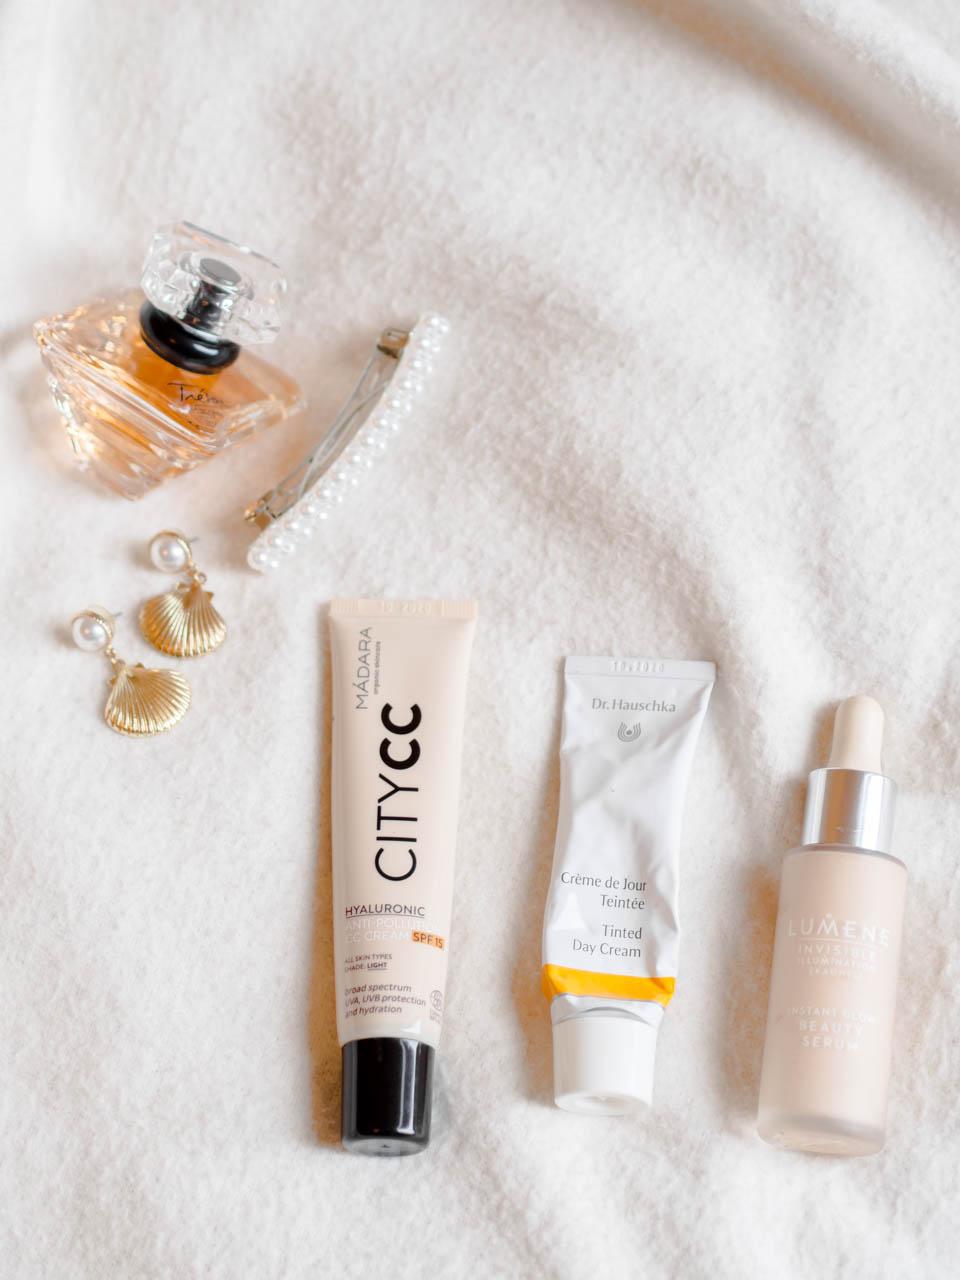 Light and natural make up base products - Kevyet ja luonnolliset pohjameikkituotteet